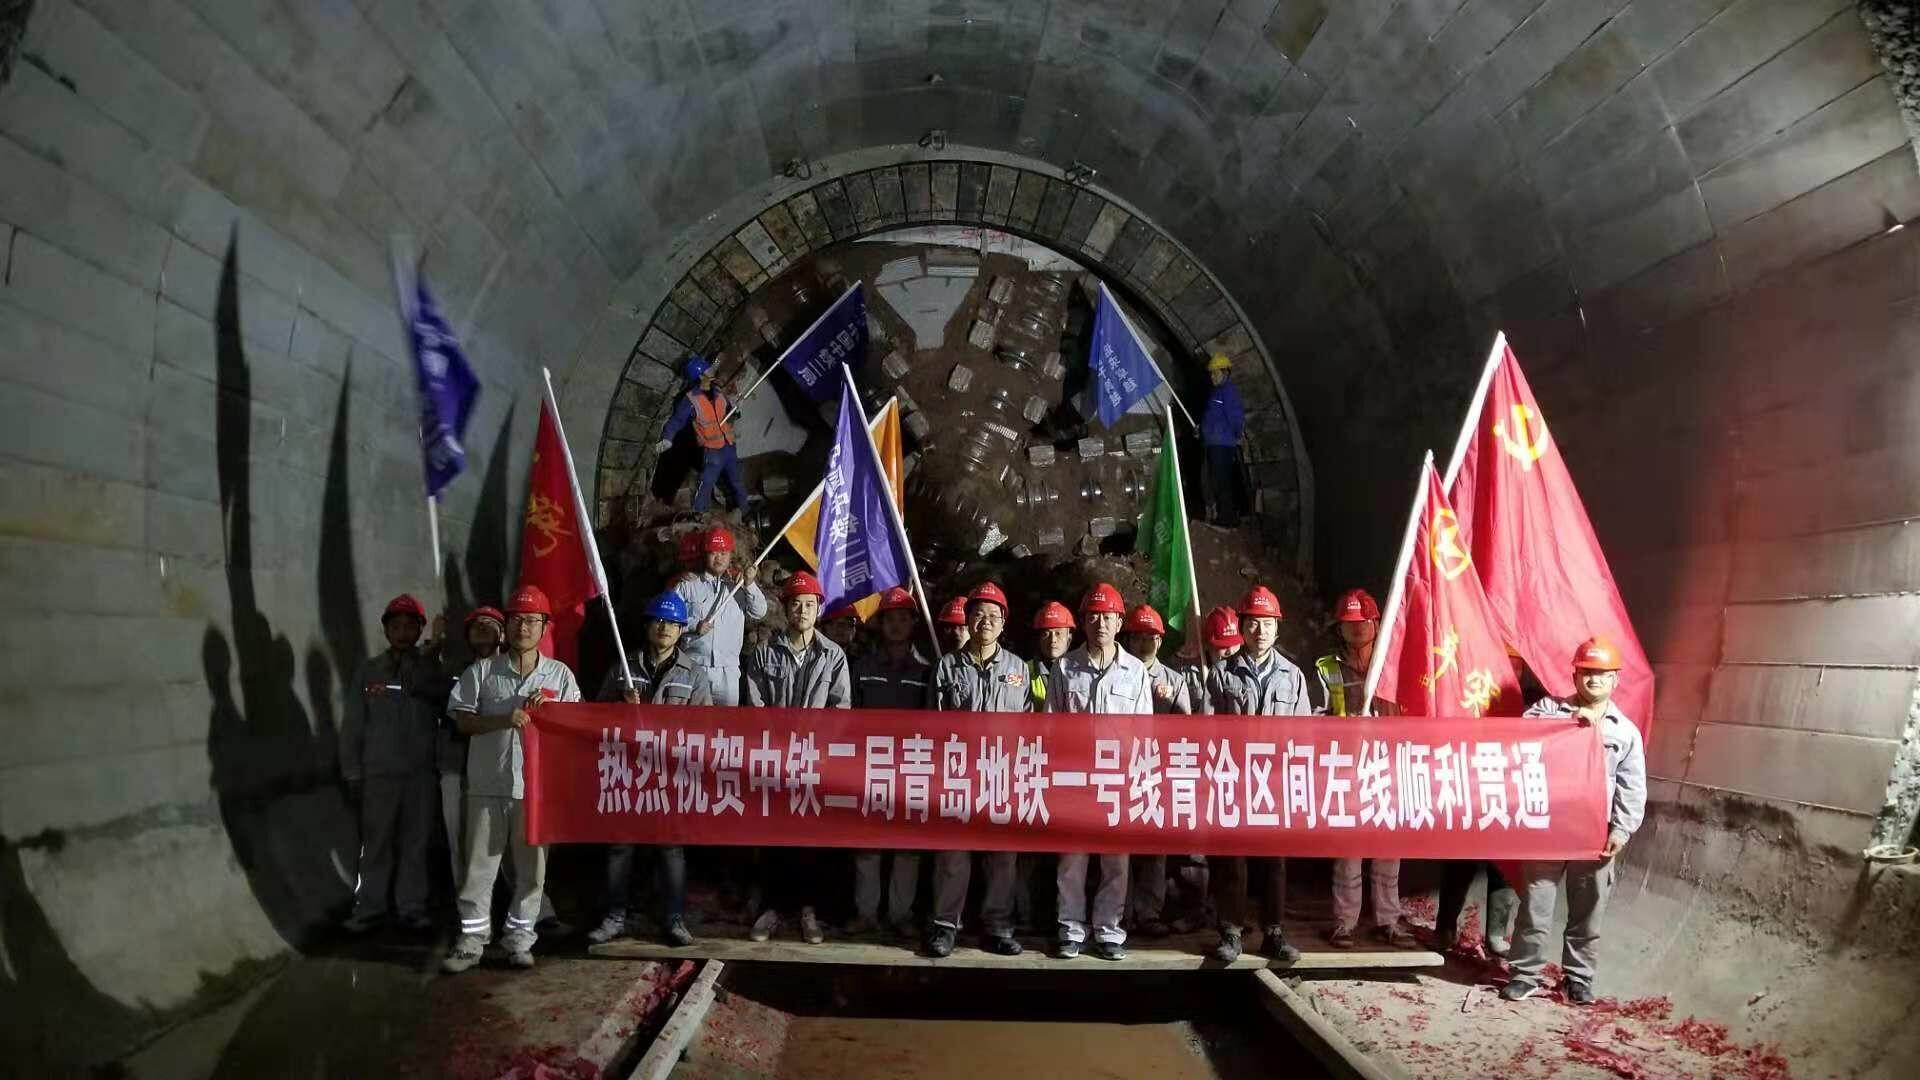 青岛地铁1号线新进展:青沧区间盾构隧道双线贯通